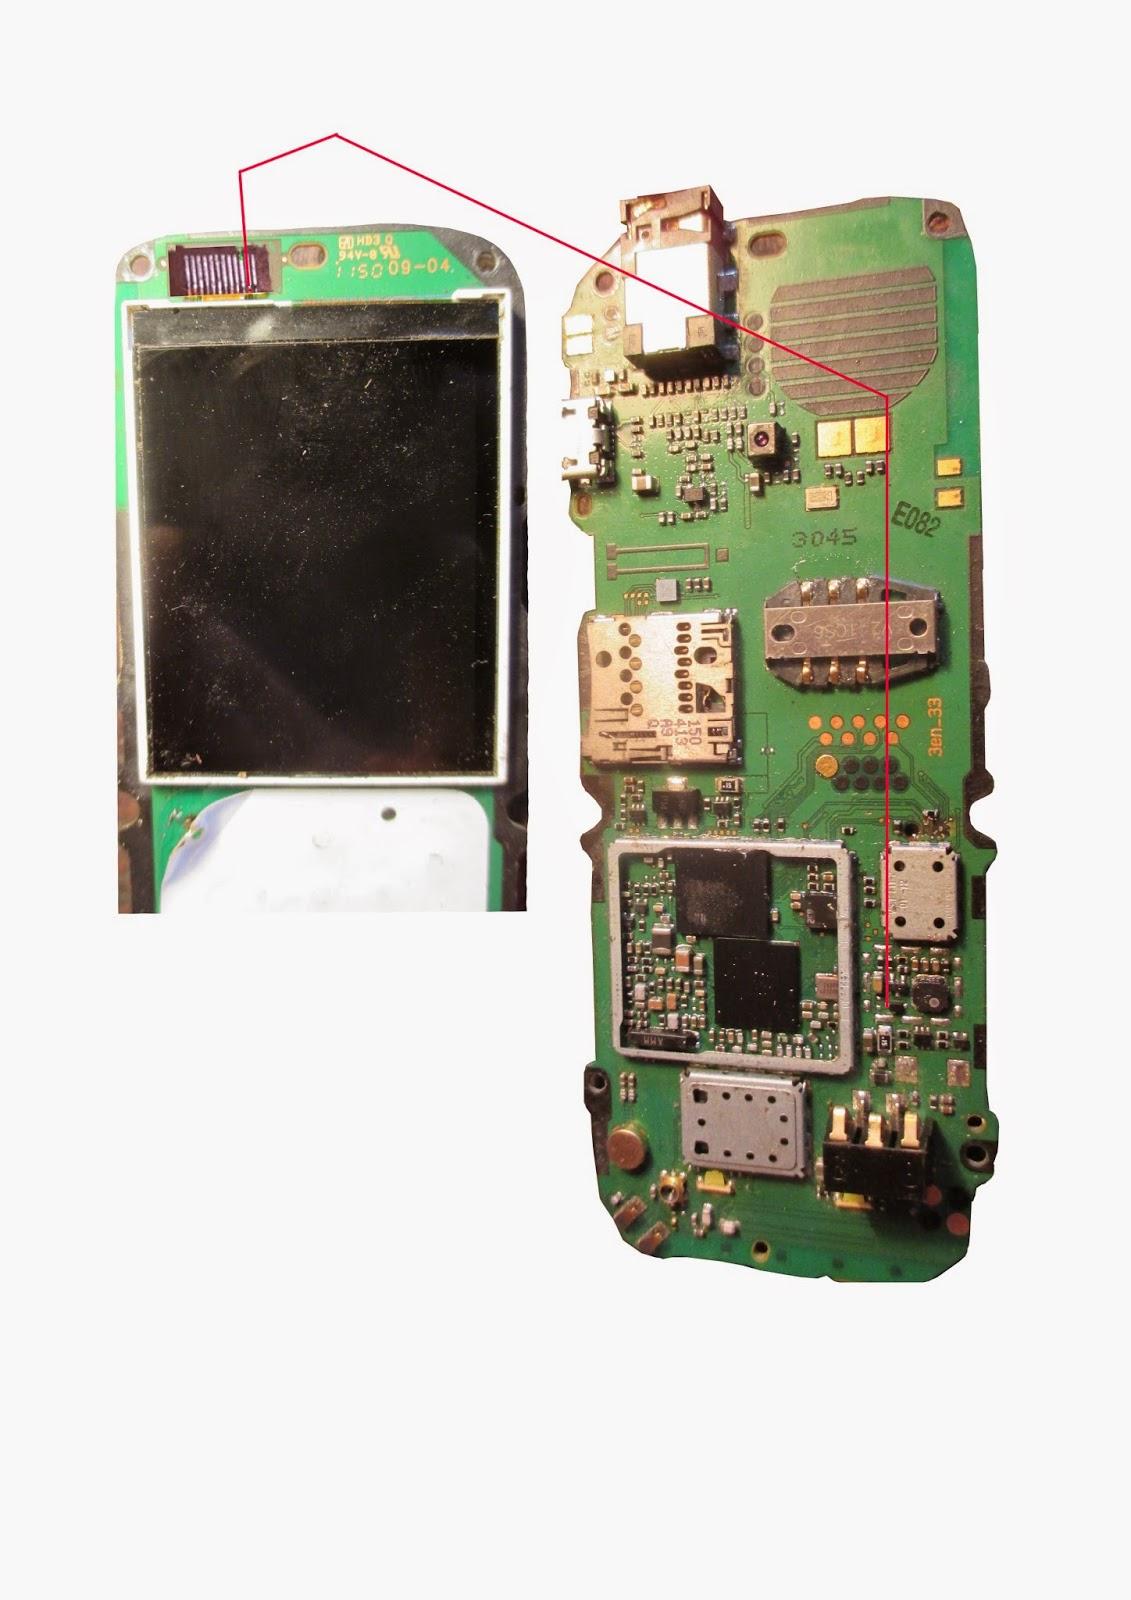 medium resolution of circuit diagram nokia c1 01